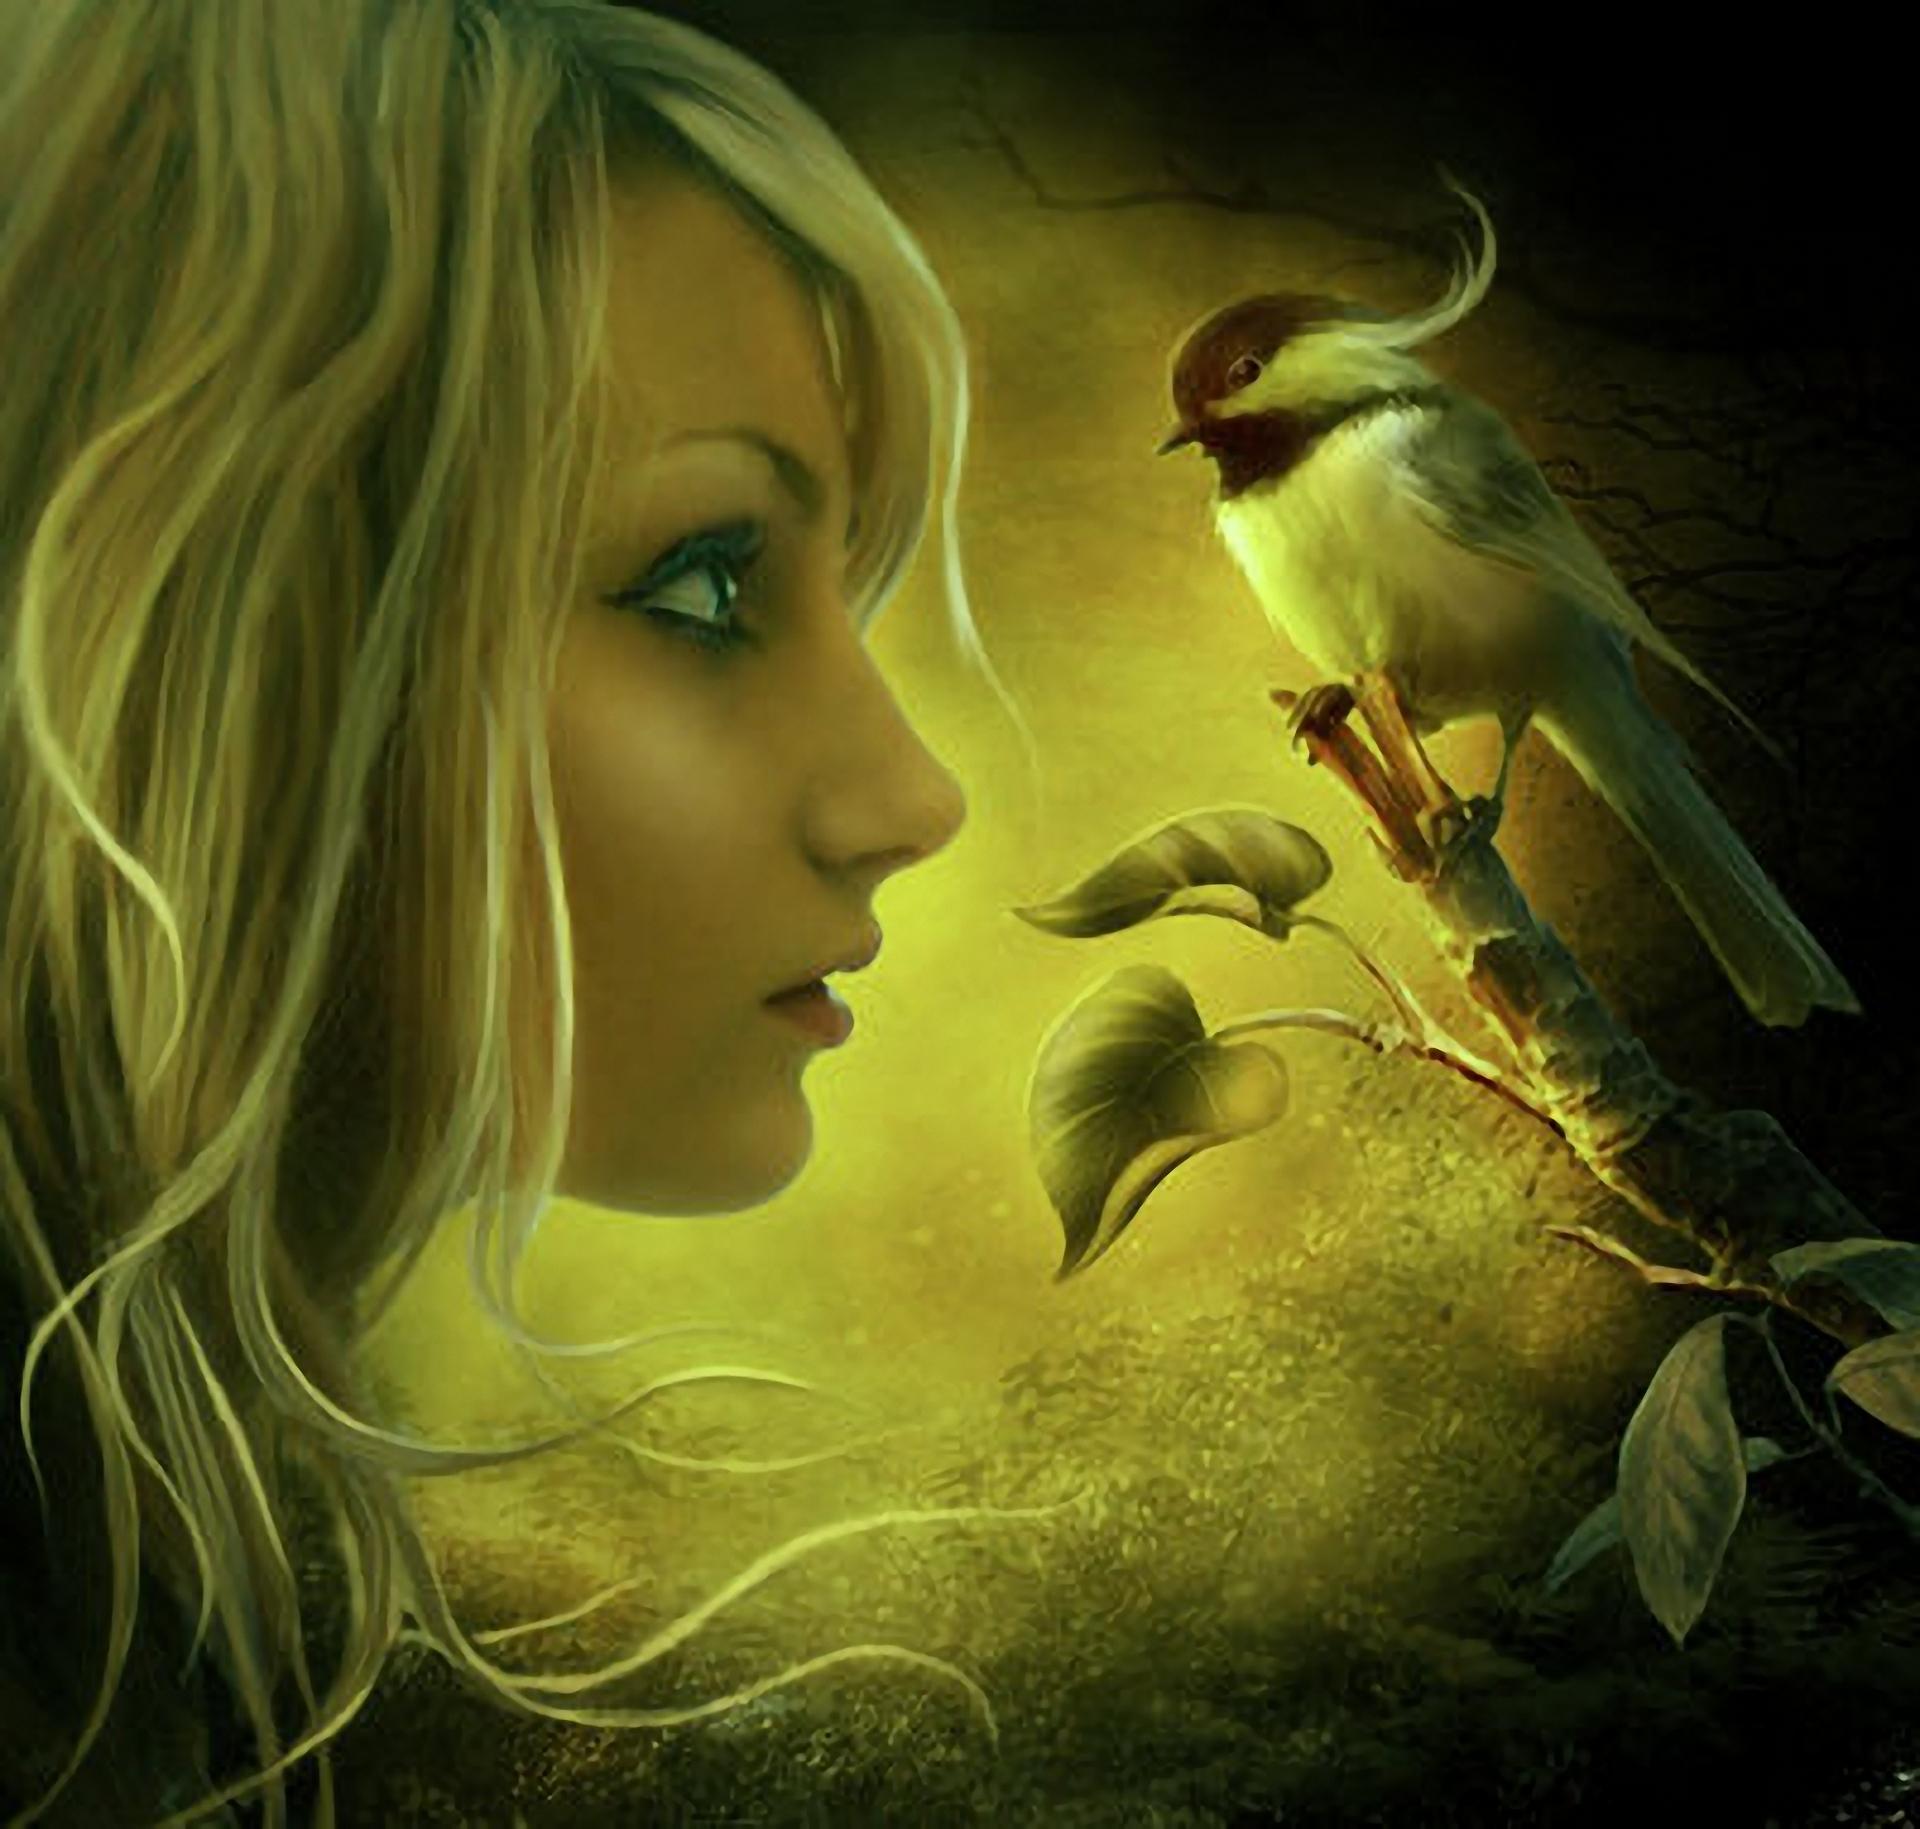 Сказочные девушки на аву для девушек